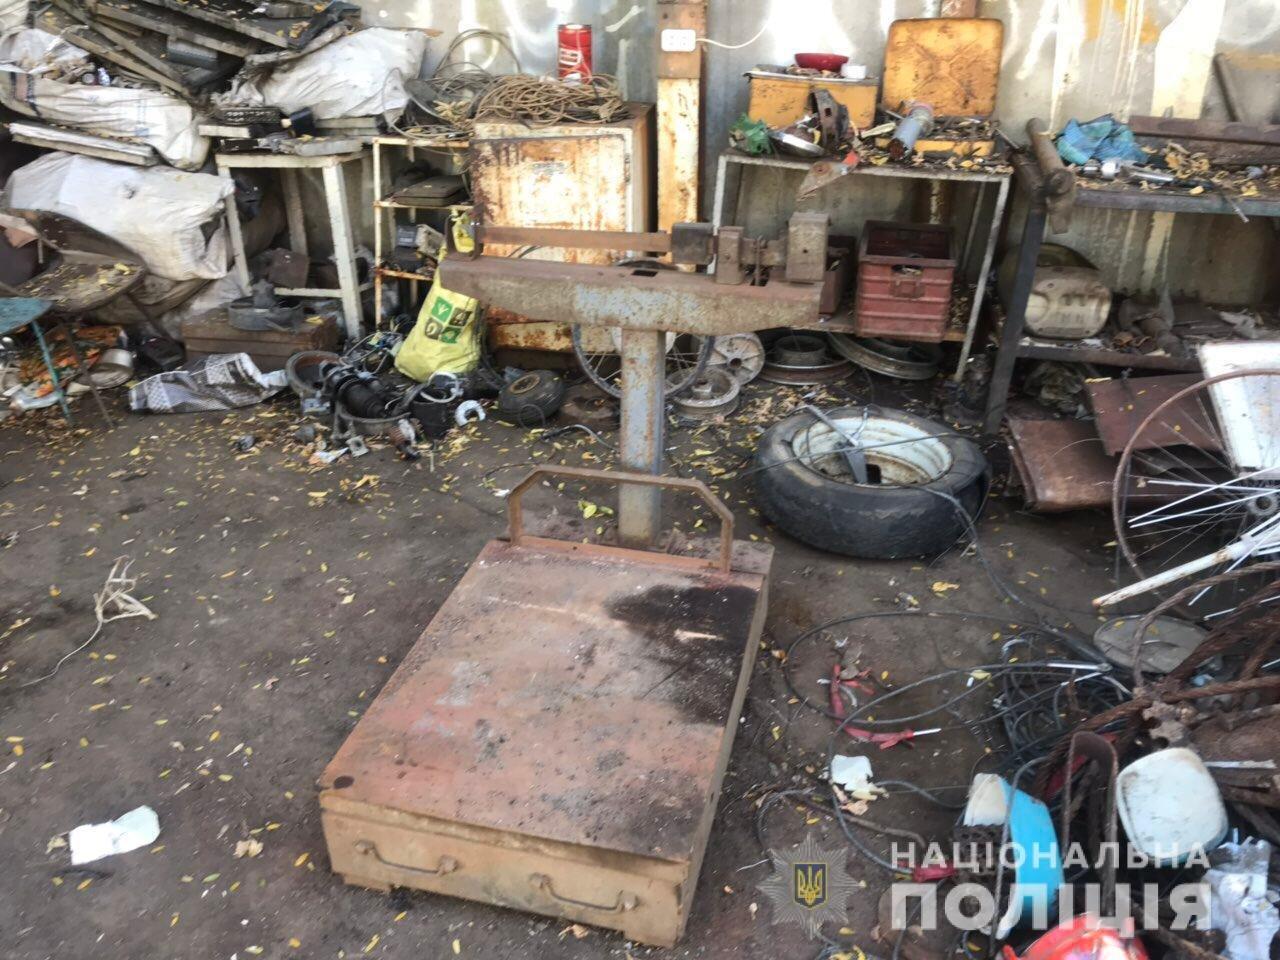 В Акимовке обнаружили незаконный пункт приема металлолома, - ФОТО, фото-4